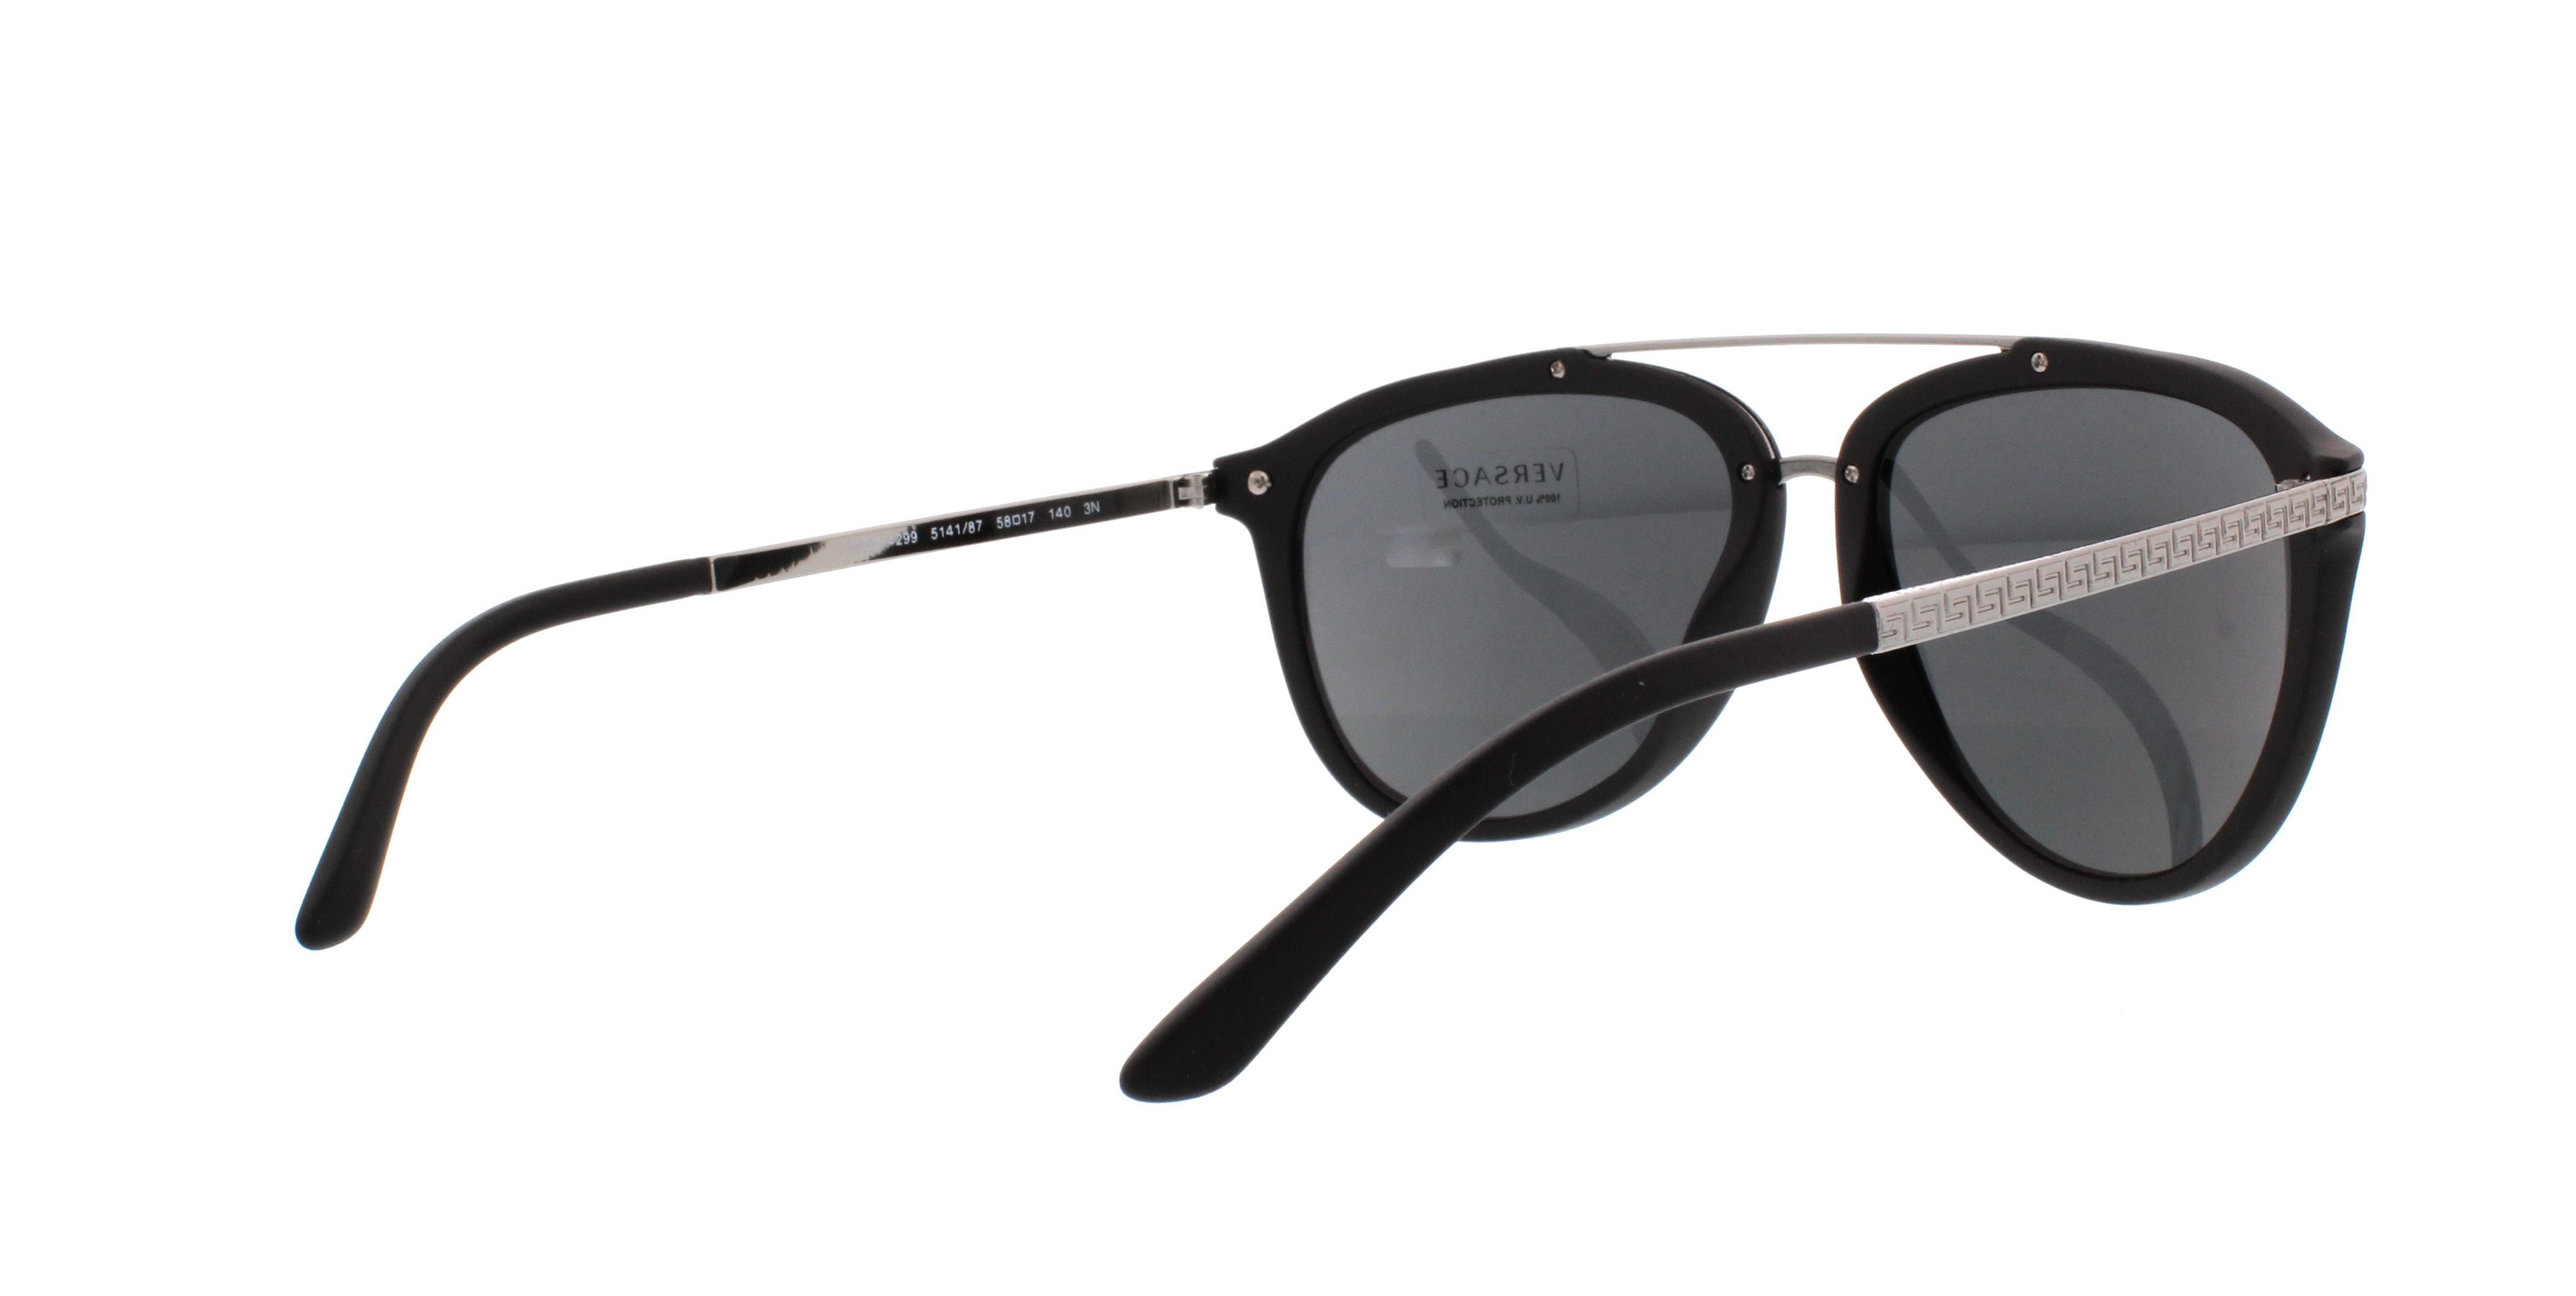 89495f3de7 Designer Frames Outlet. Versace VE4299